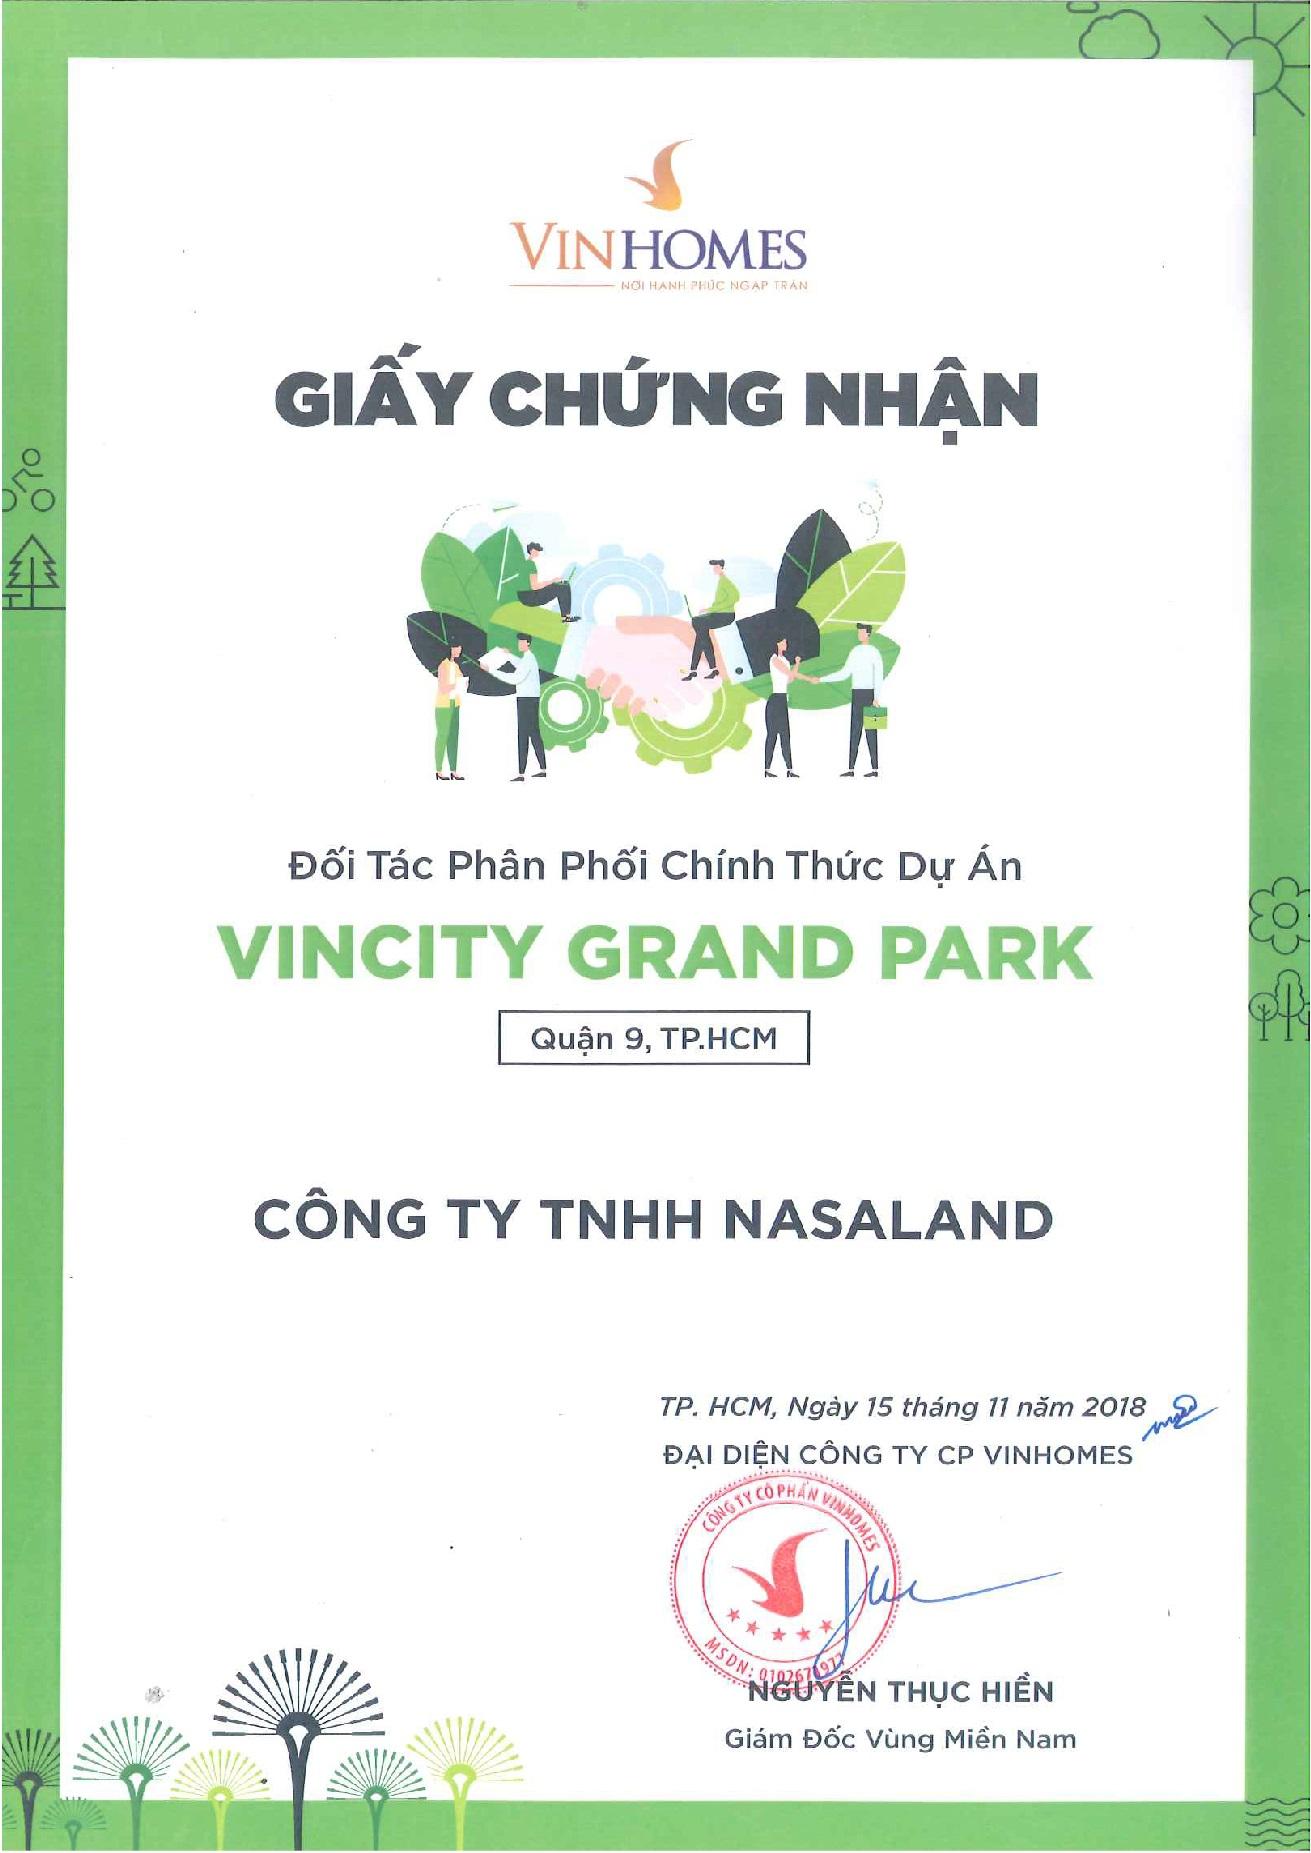 Giấy chứng nhận đối tác phân phối Vinhomes Grand Park